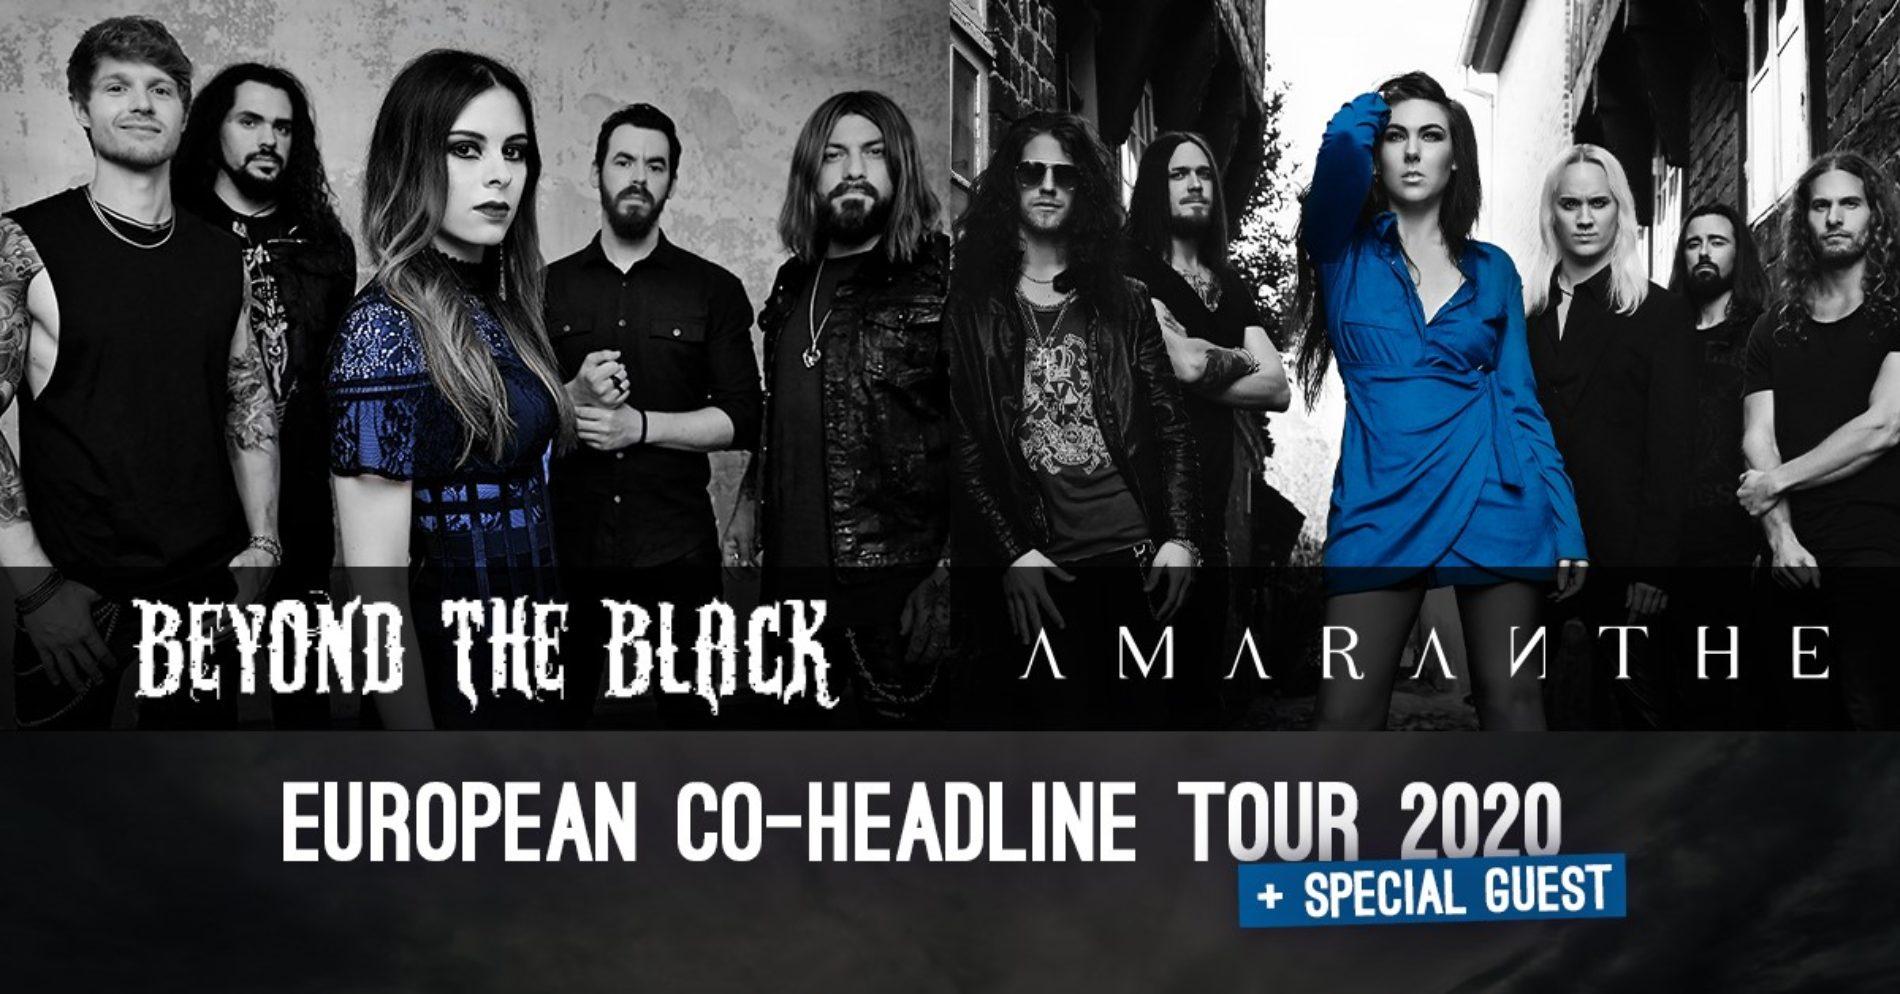 Beyond The Black und Amaranthe auf gemeinsamer Headliner-Tour